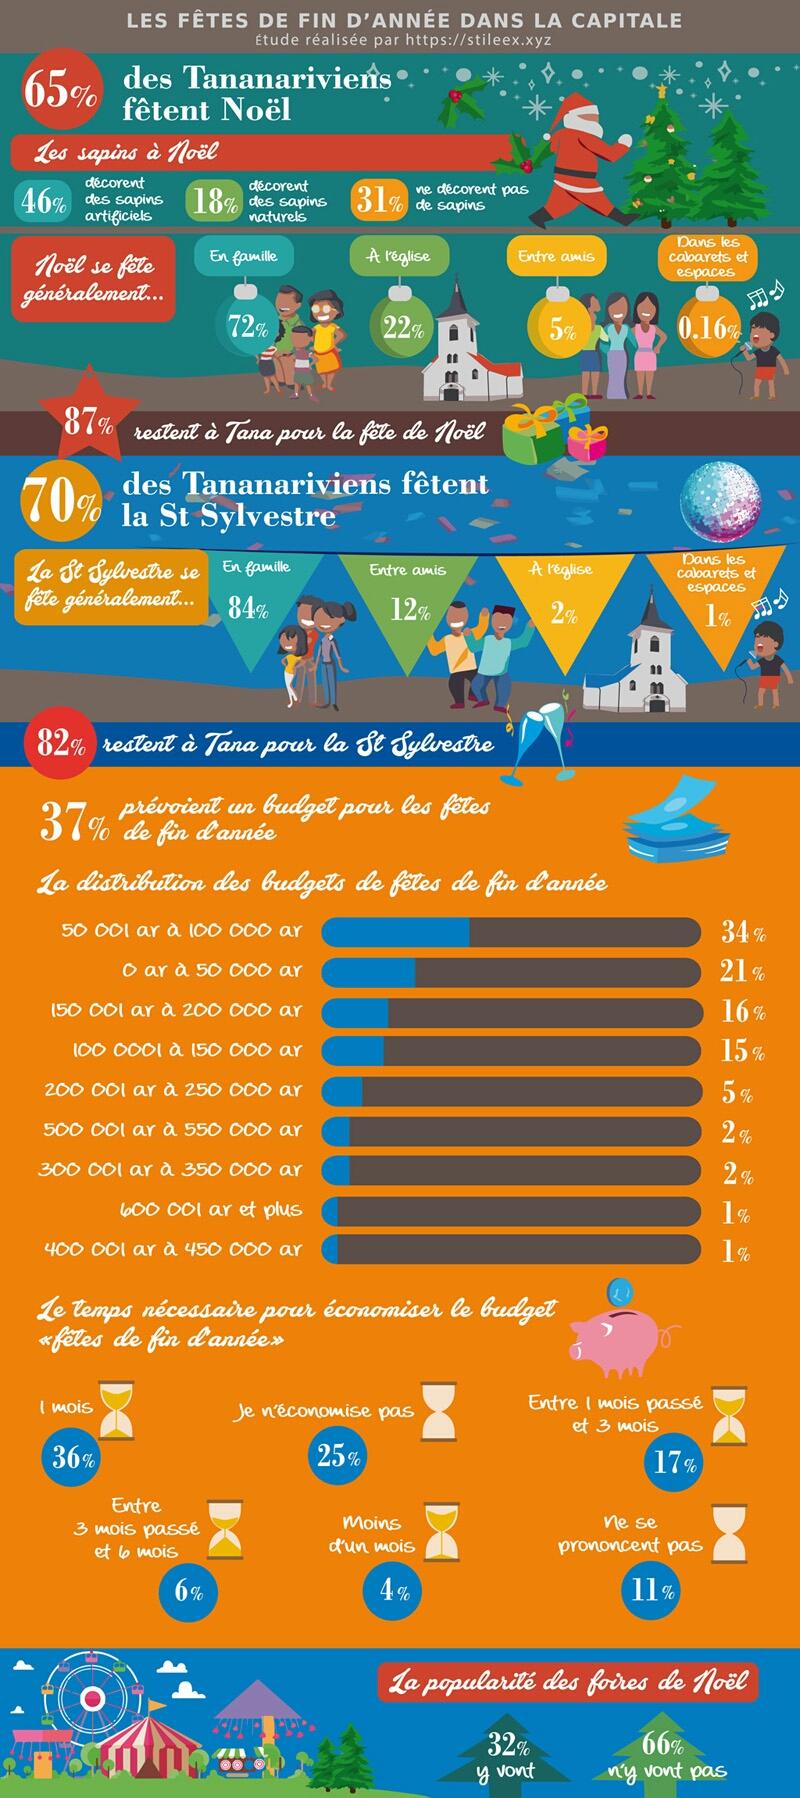 Résultat du sondage sur les fêtes de fin d'année à Antananarivo